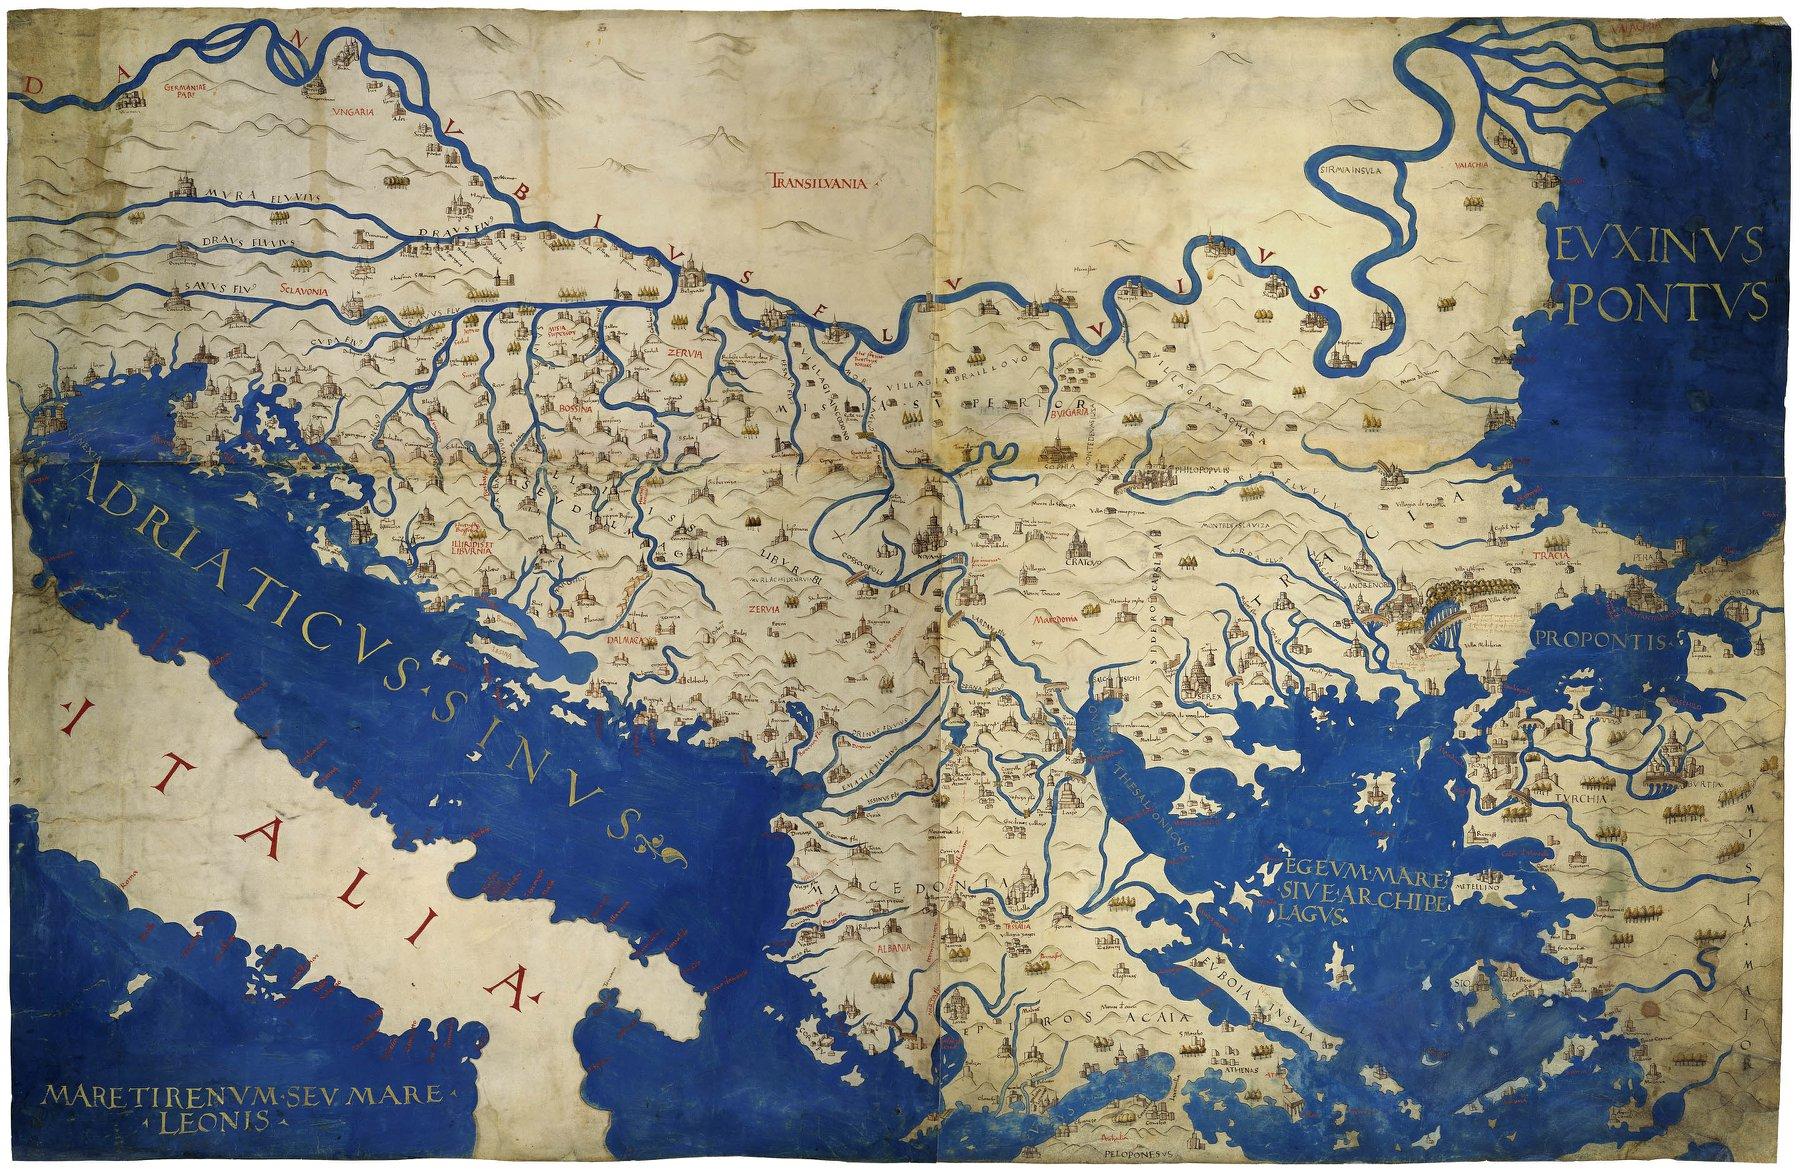 Карта Балканского полуострова, предположительно итальянского происхождения, XVI в. (из собрания Австрийской национальной библиотеки)